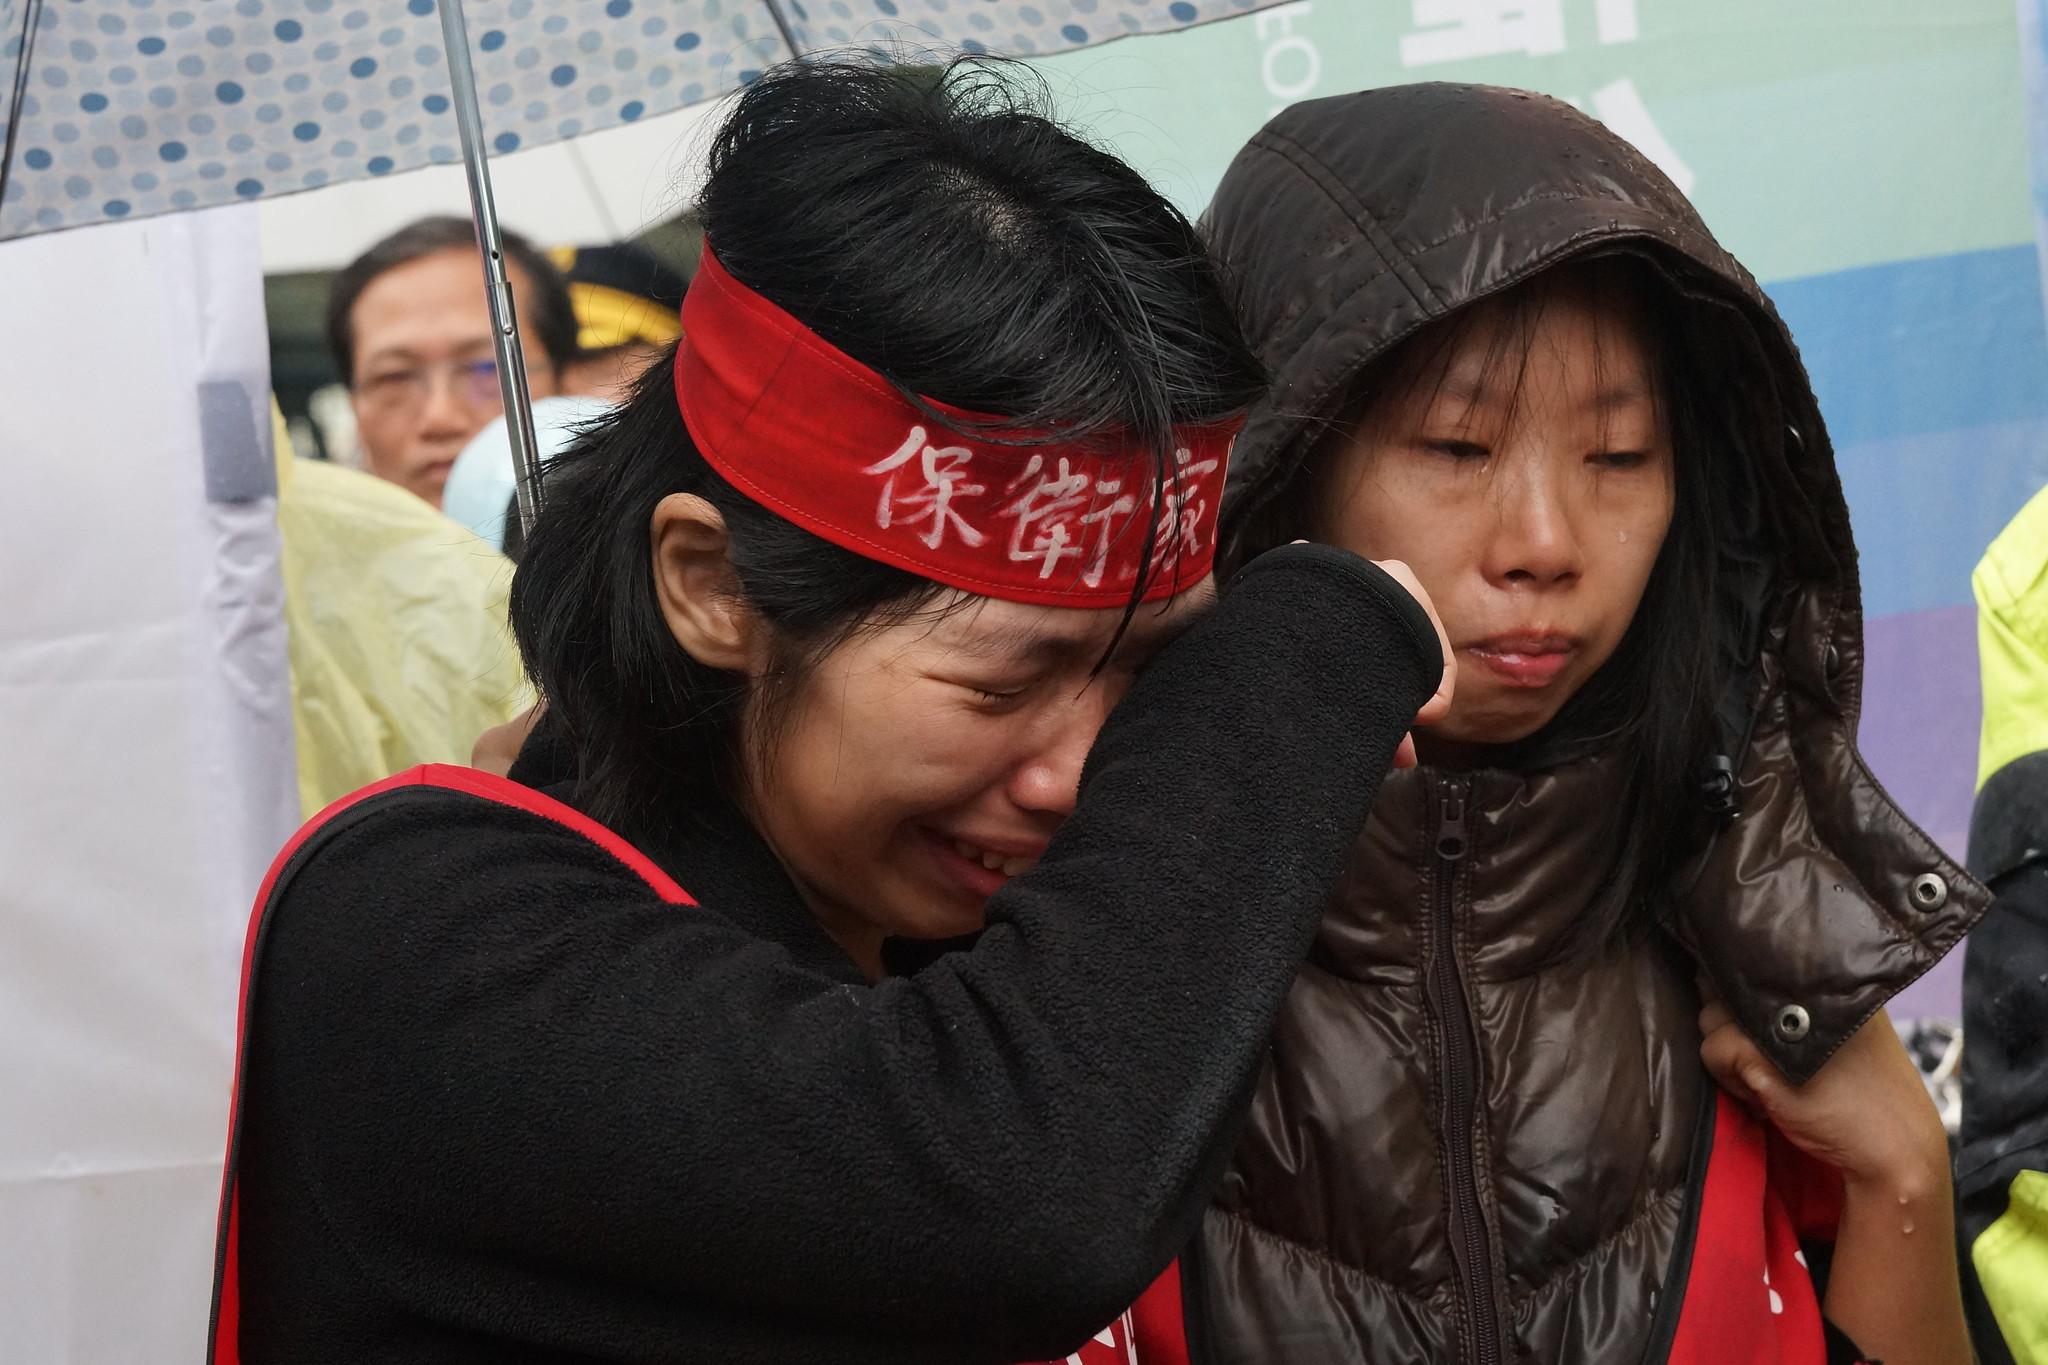 三峽龍埔里劉家成員聲淚俱下地陳述自己面臨迫遷擔心受怕的處境。(攝影:王顥中)